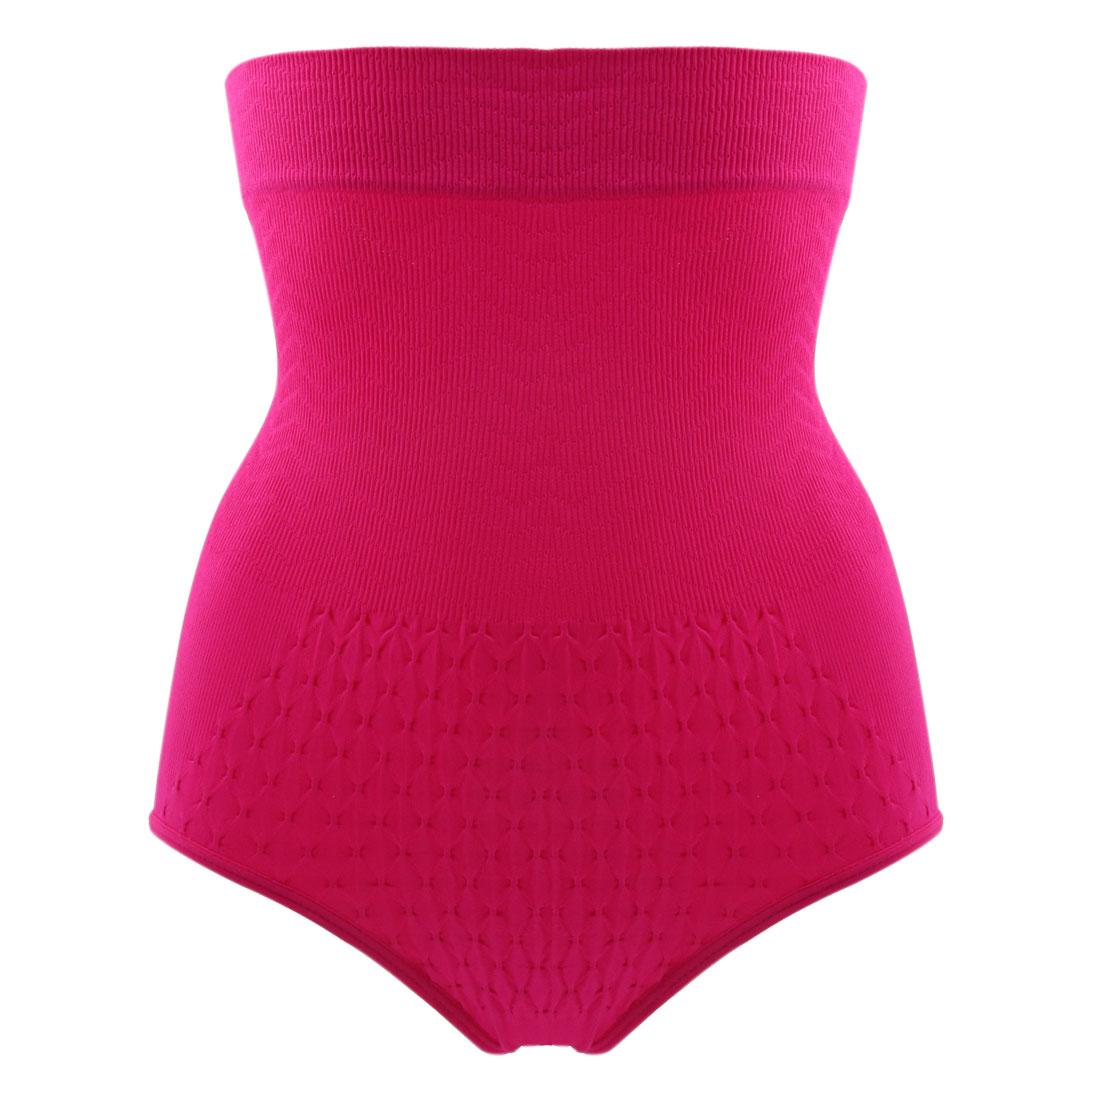 Size M Fuchsia Elastic Fabric Waist Tummy Shaper Panty Body Underwear Shapewear